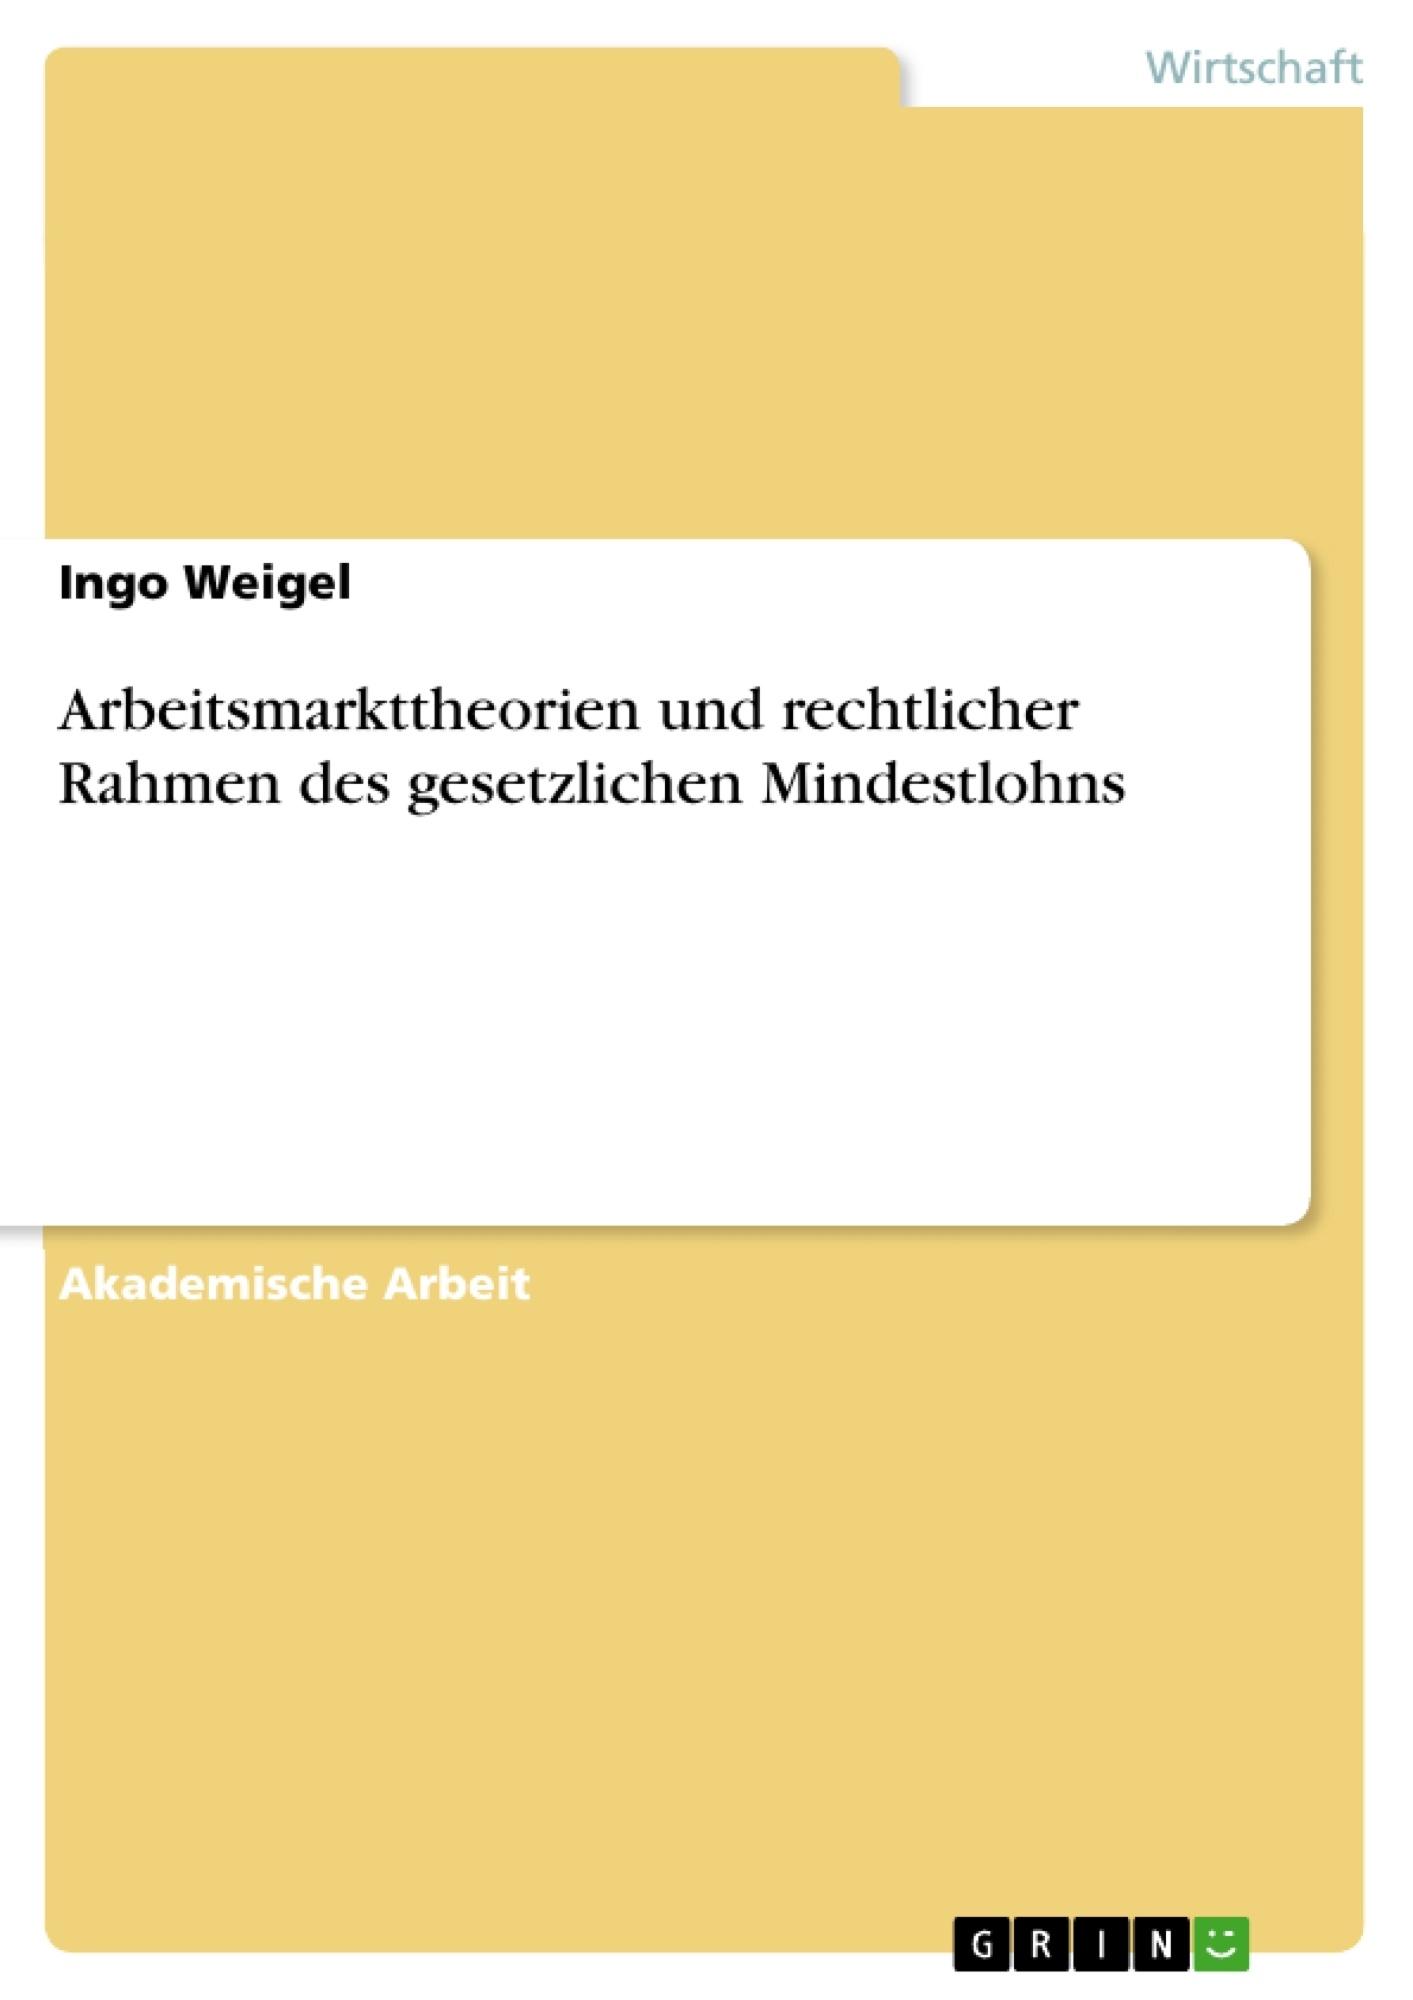 Titel: Arbeitsmarkttheorien und rechtlicher Rahmen des gesetzlichen Mindestlohns